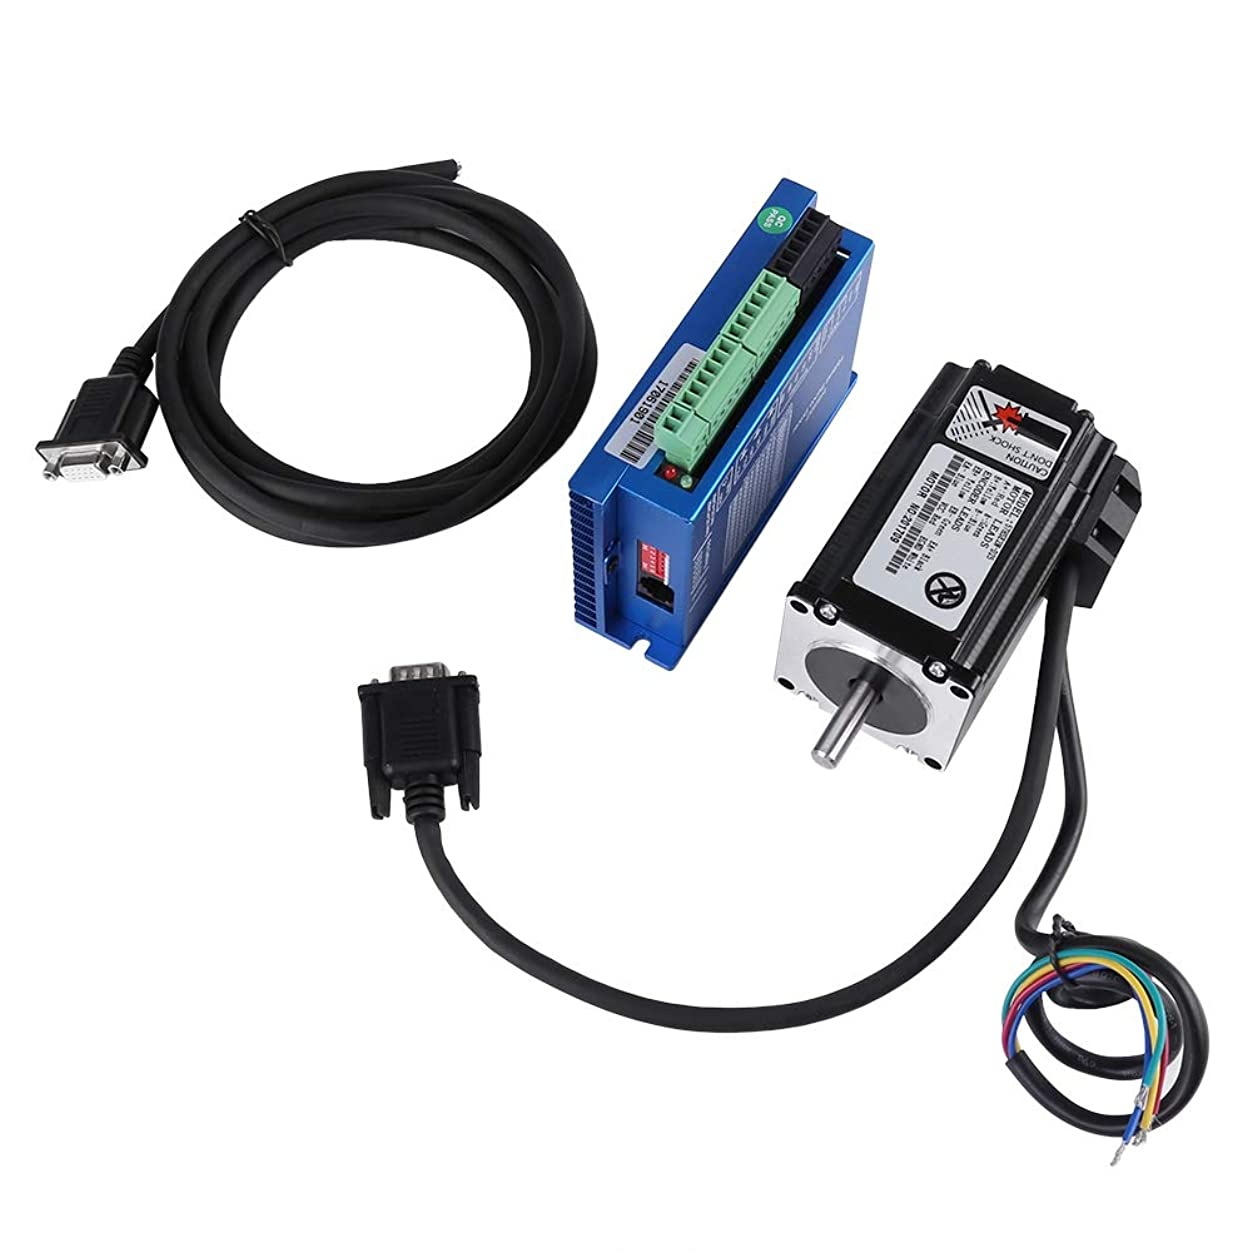 ビジョンけがをする先例ステッピングモーターキット、HSS57ハイブリッドサーボドライバーおよび57HSE2N-D25 Nema 23閉ループ2N.mステッピングモーター